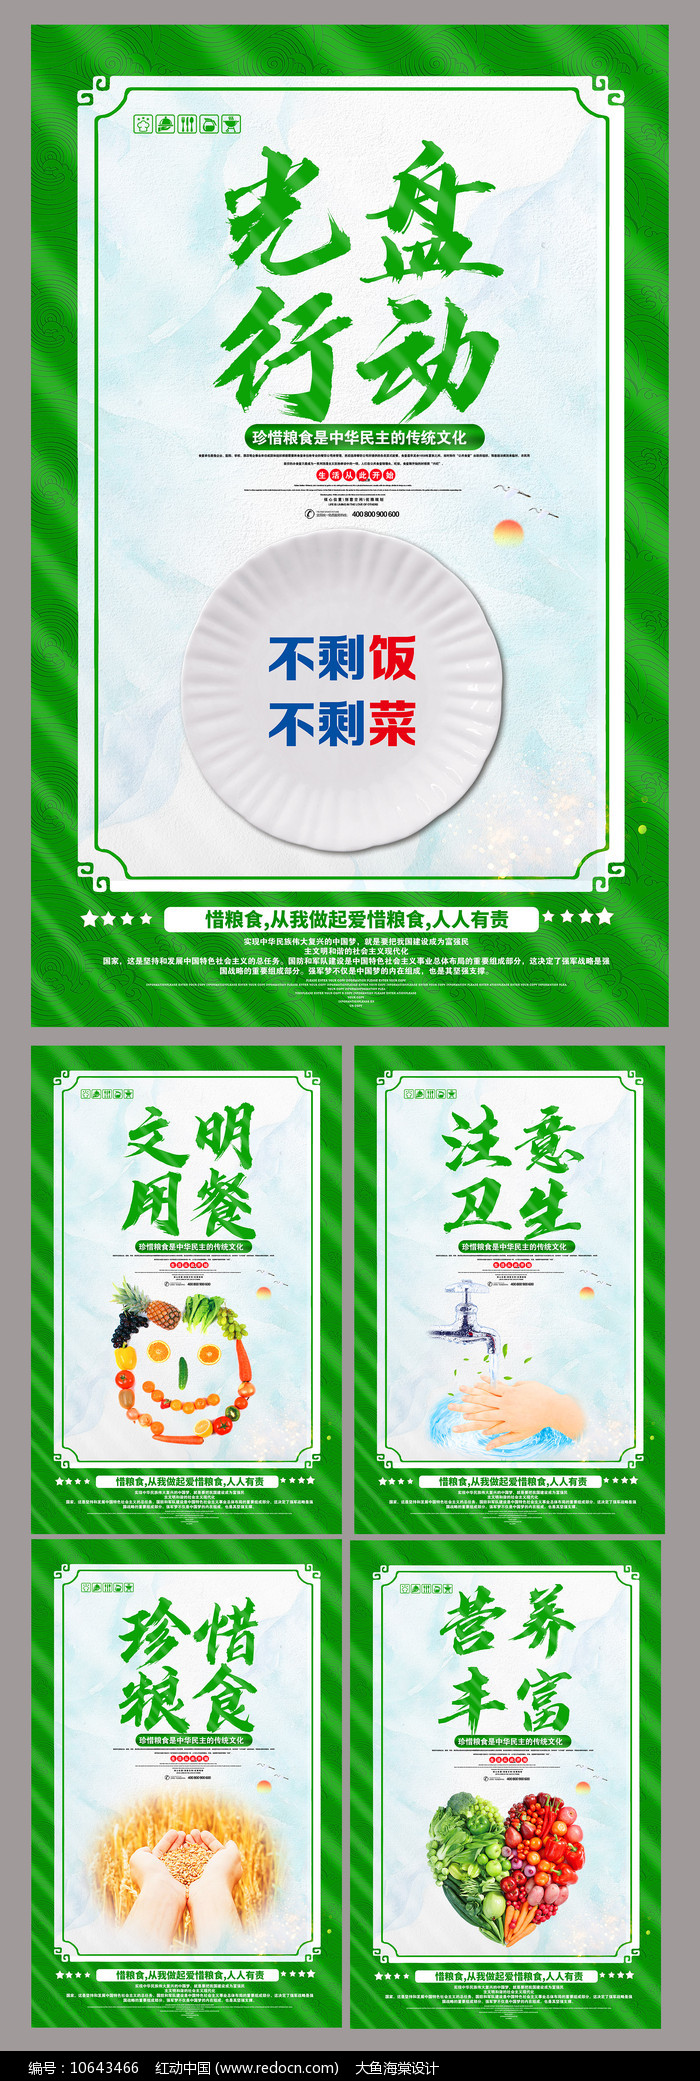 清新绿色食堂文化宣传展板